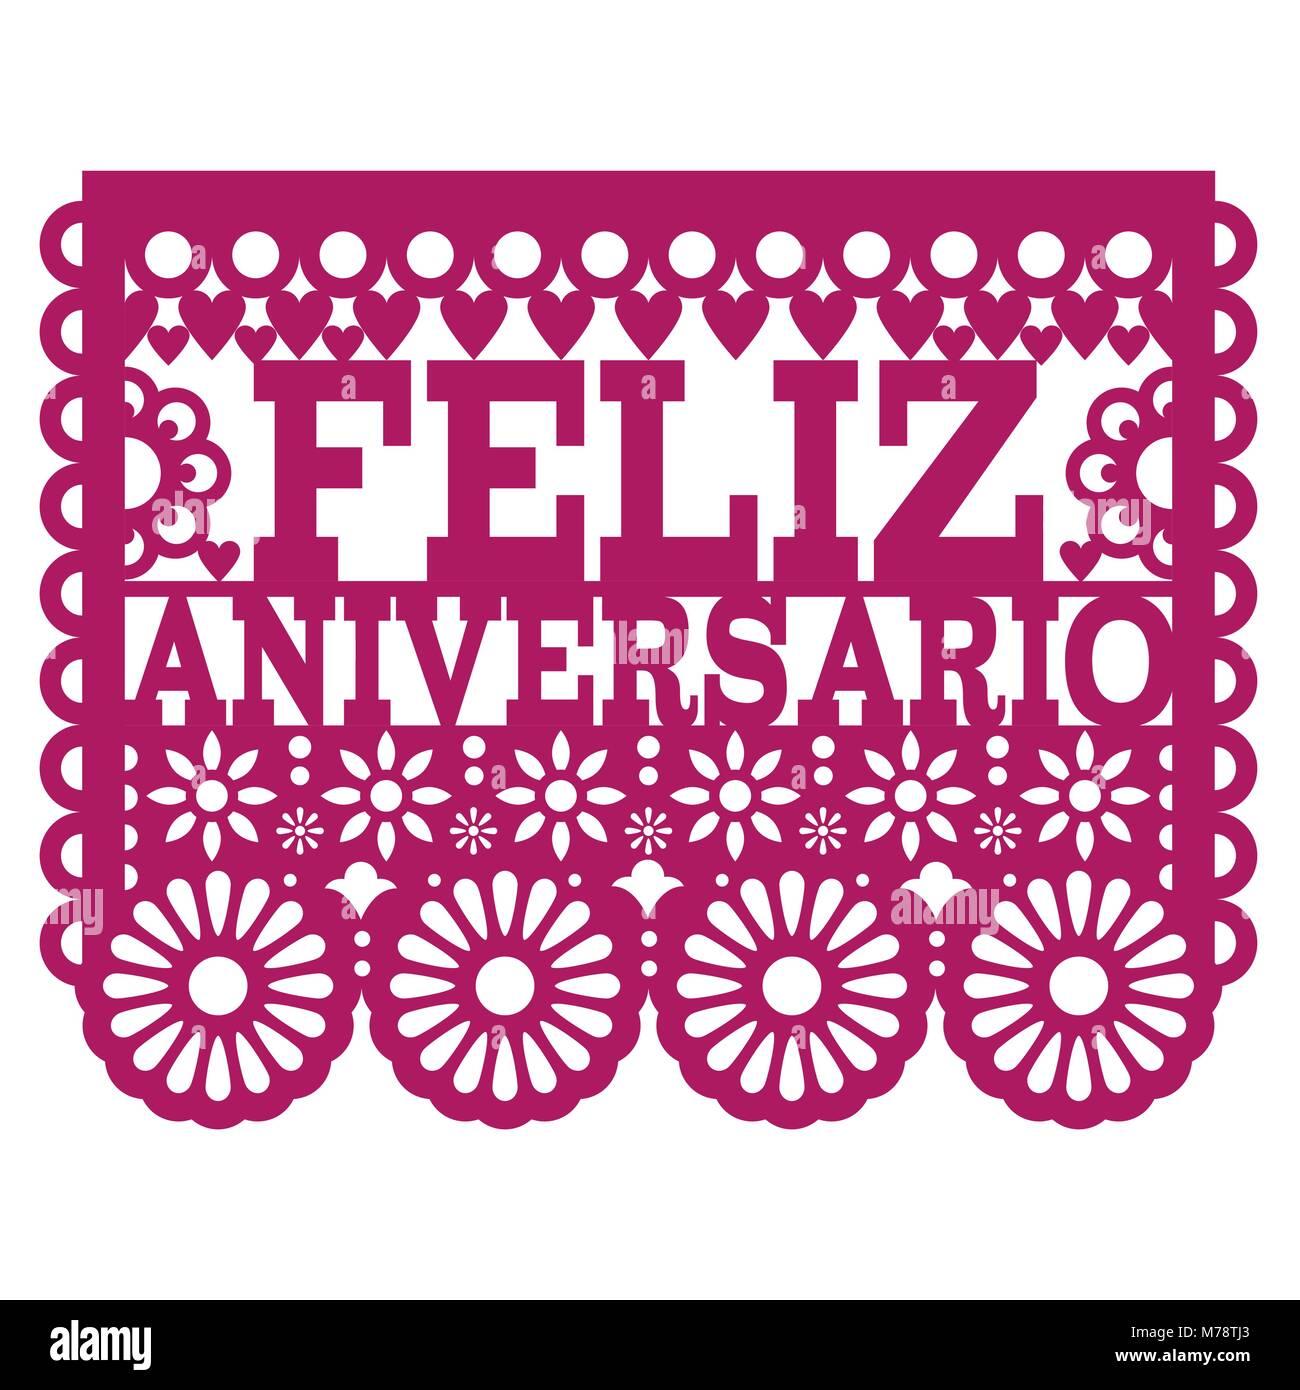 Feliz Aniversario Papel Picado diseño vectorial - Feliz Aniversario tarjeta de felicitación, el arte folklórico Imagen De Stock